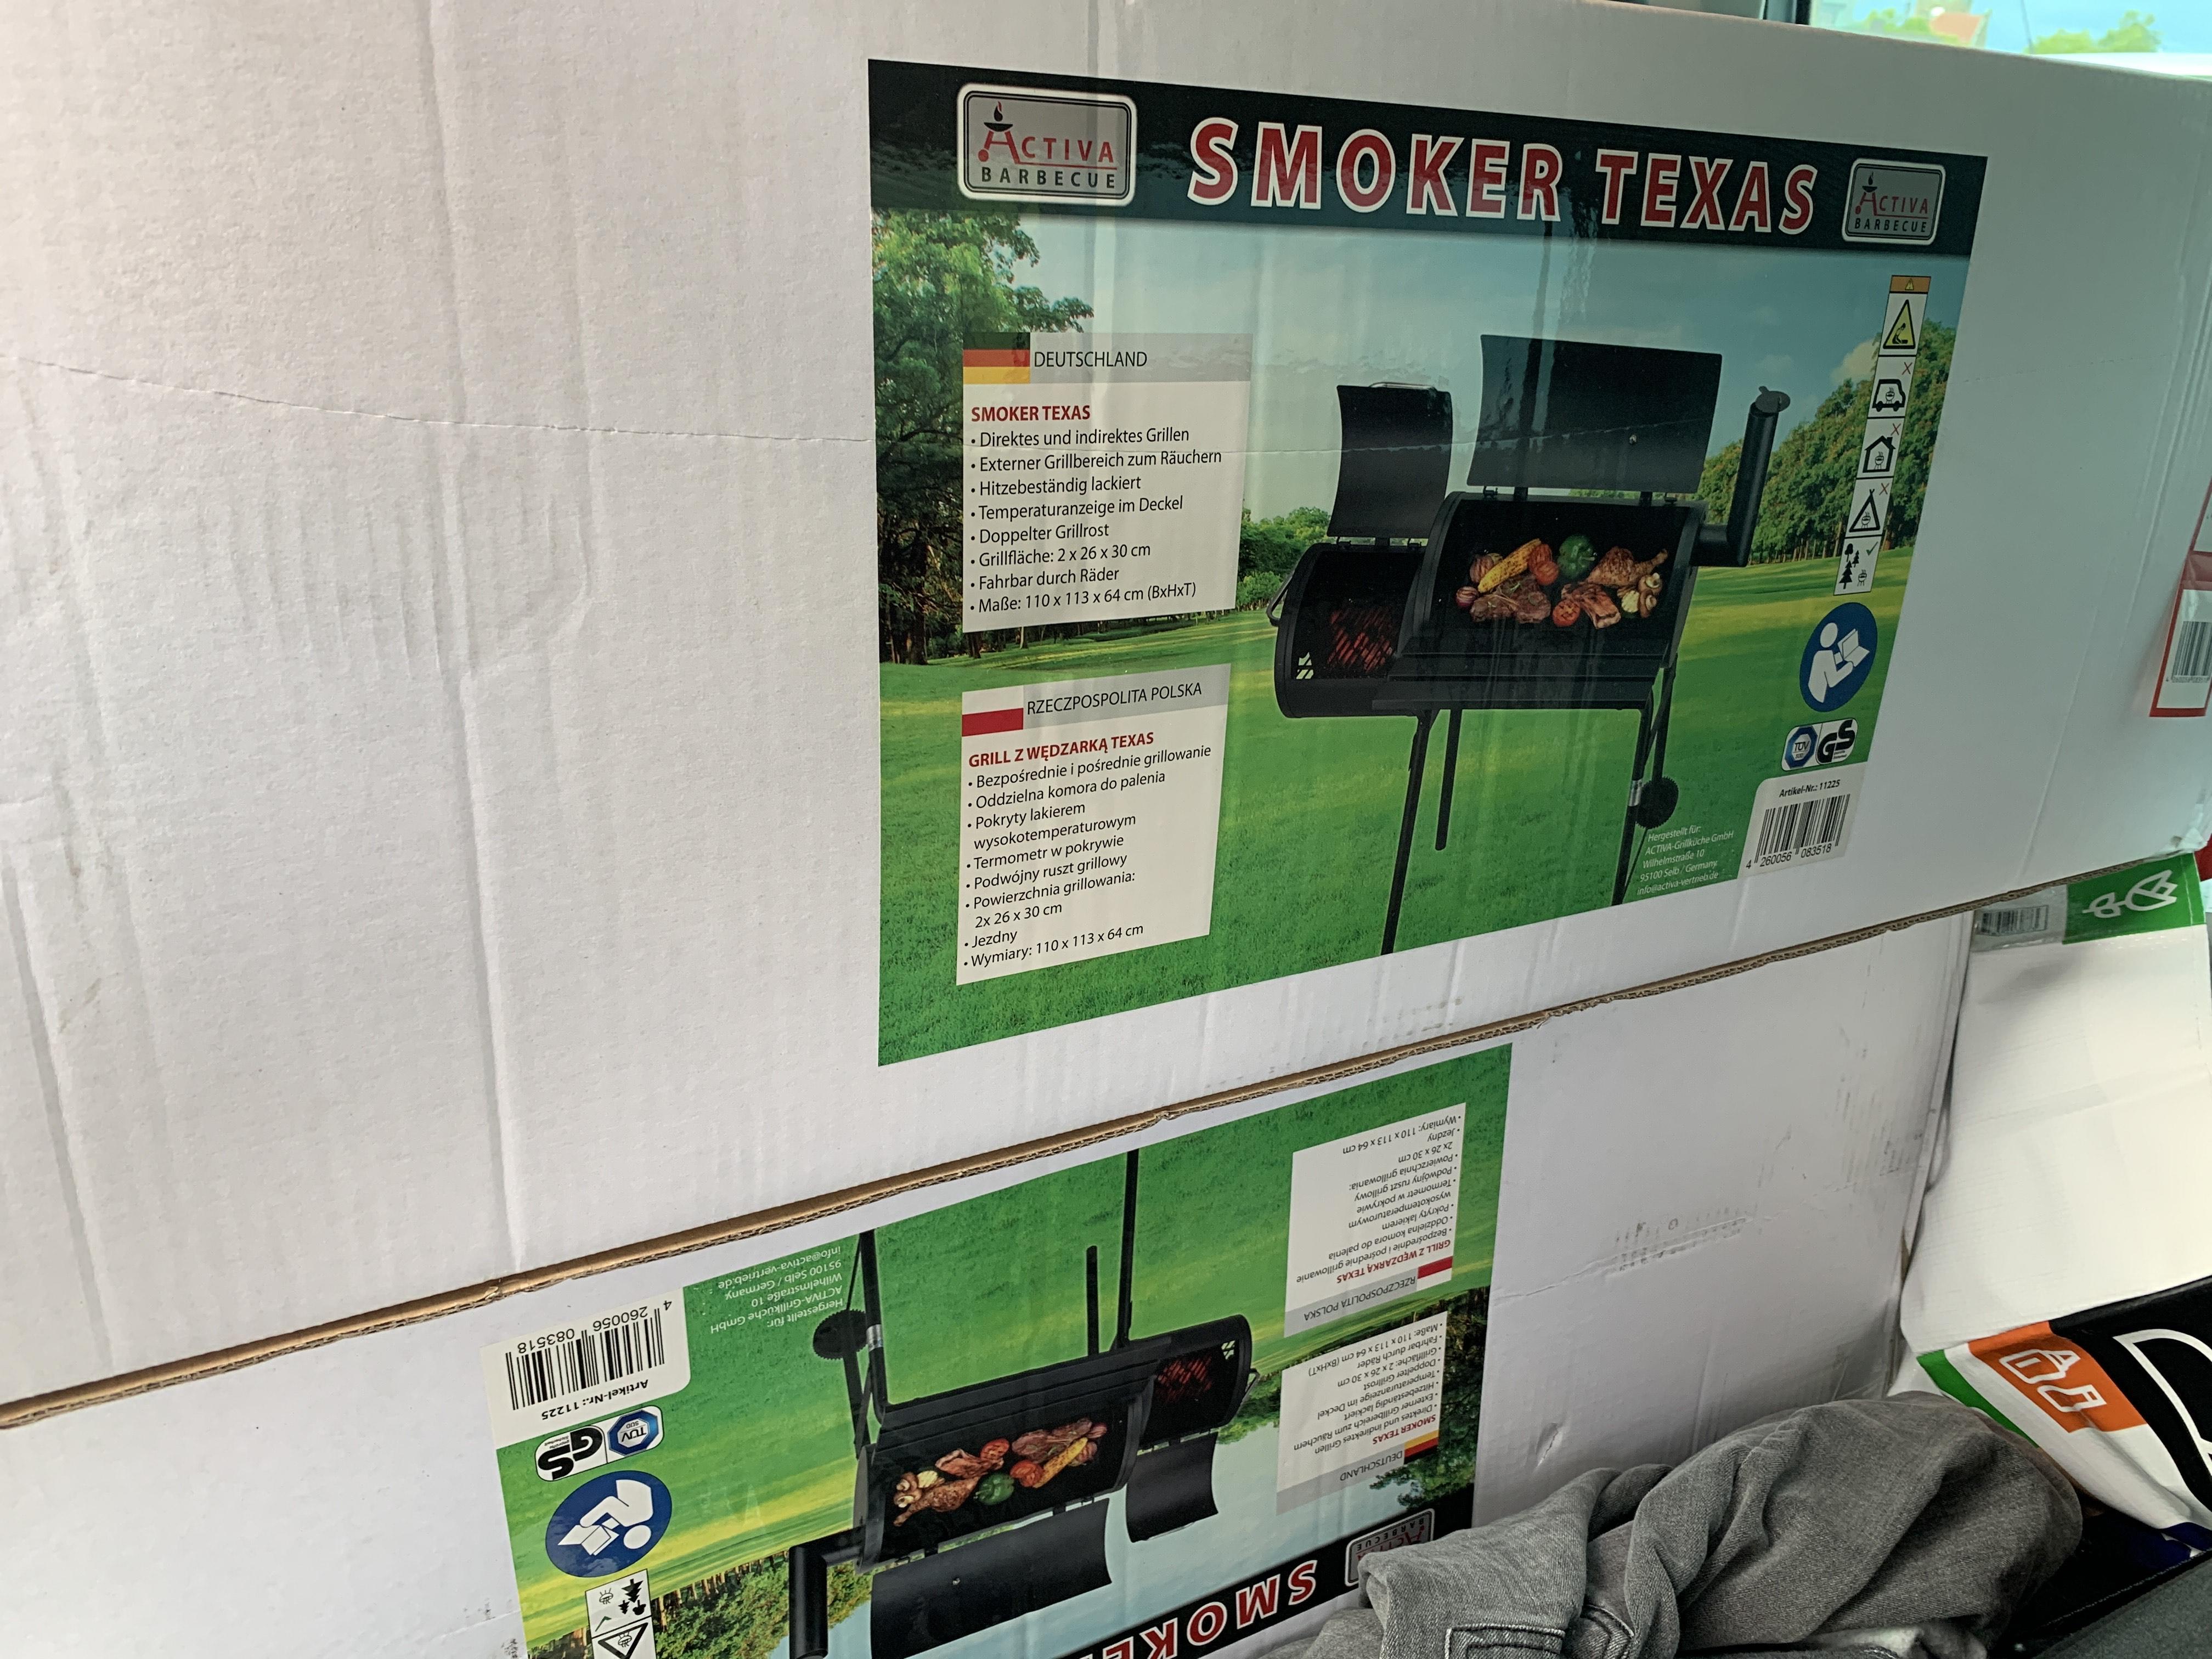 Activa Smoker Texas - Grill Lokal Kaufland Hattingen